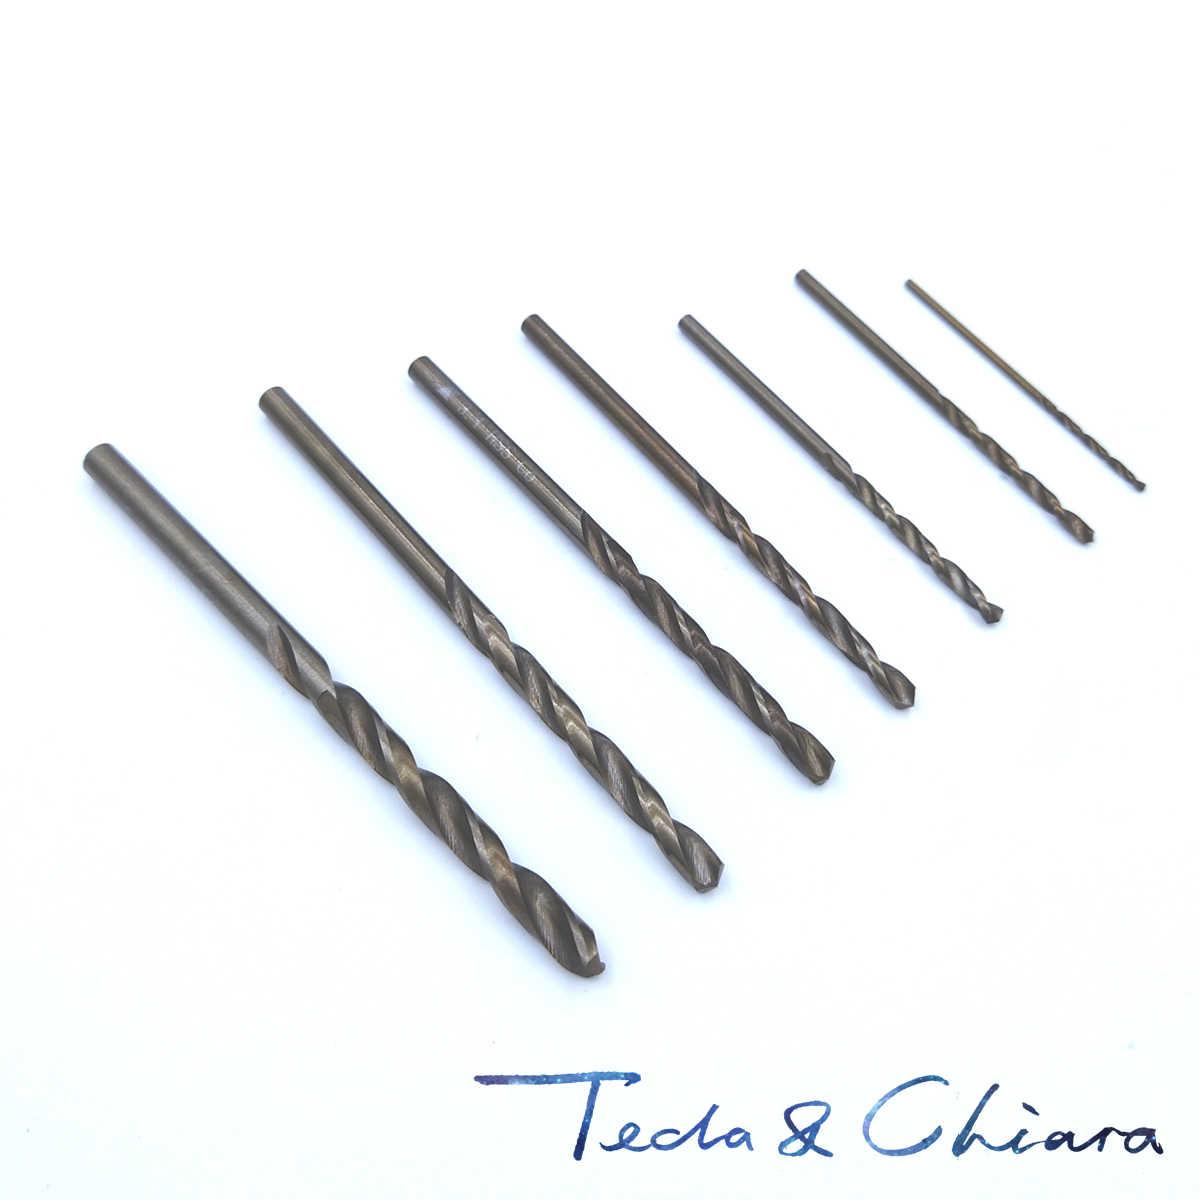 10 pièces 0.8 0.9 1 1.1 1.2 1.3 1.4 1.5 1.6 1.7 1.8 1.9mm HSS-CO M35 Acier Au Cobalt Forets Hélicoïdaux À Tige Droite En Acier Inoxydable